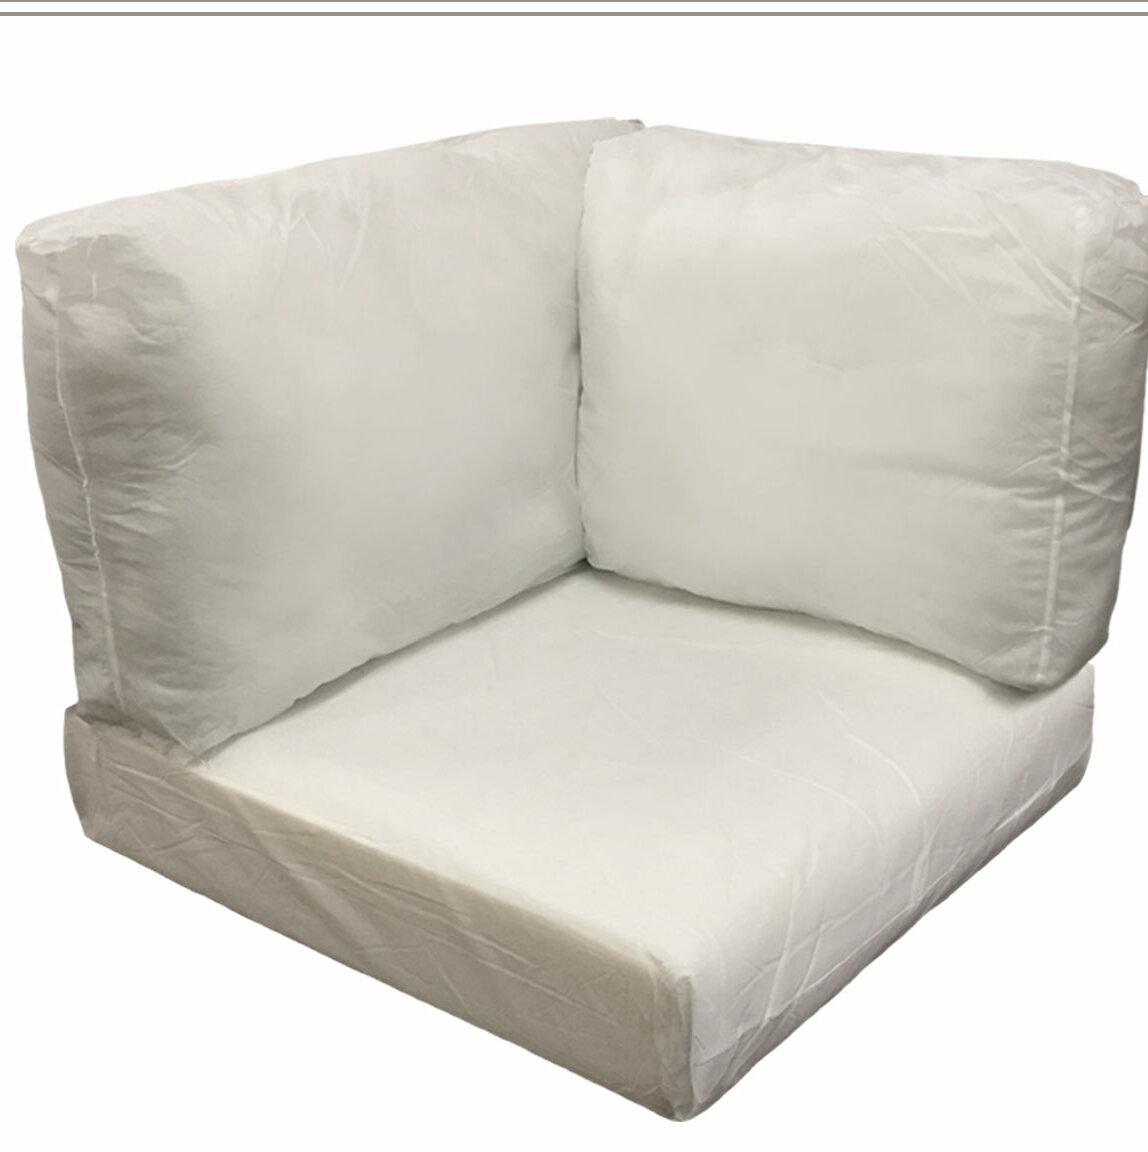 Highland Dunes Lexington Indoor Outdoor 5 Piece Replacement Cushion Set Wayfair